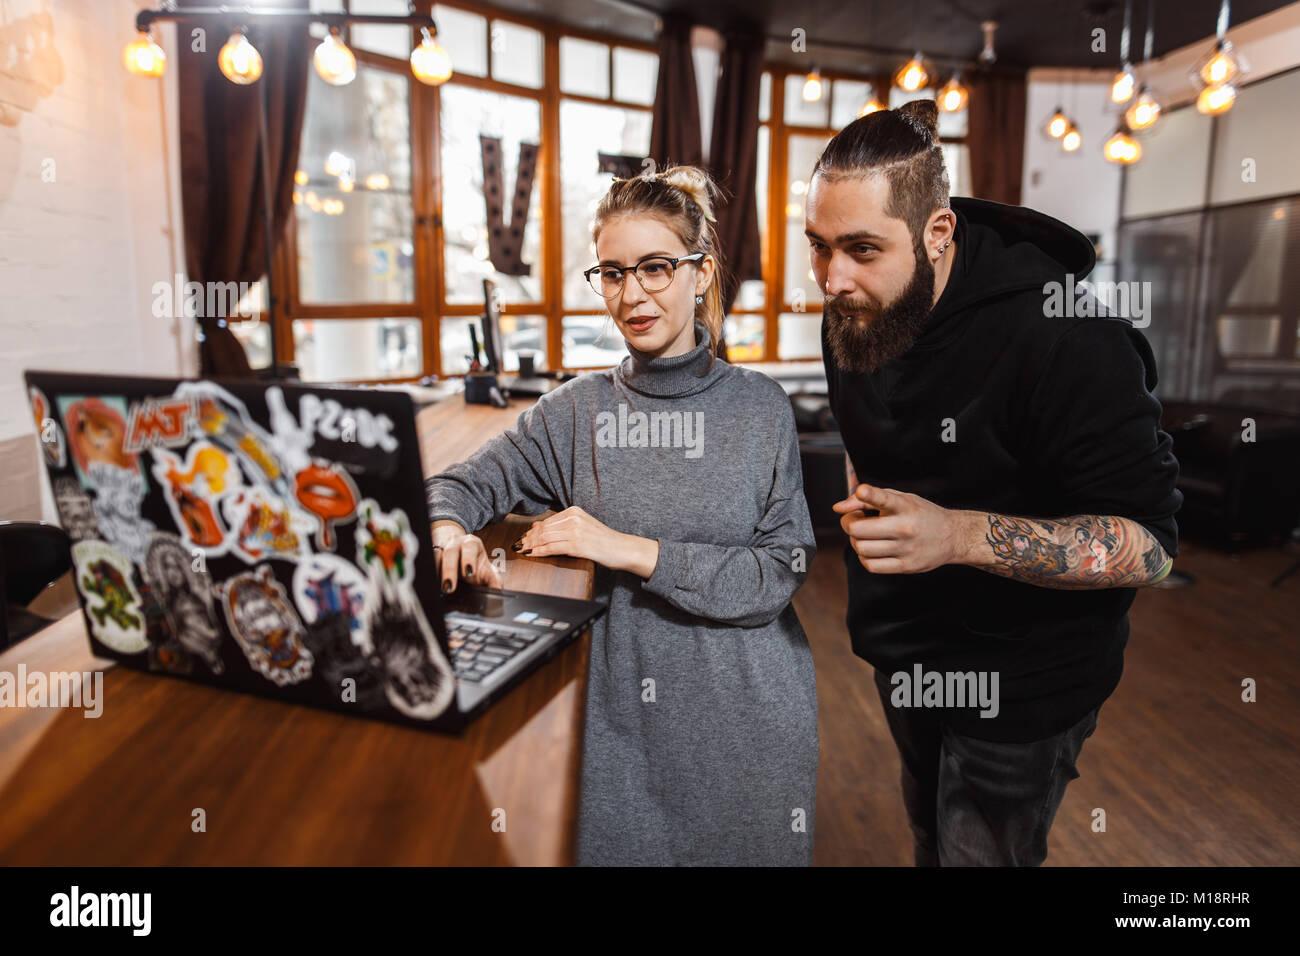 L uomo e la donna a discutere su digital portatile in ufficio creativo Immagini Stock